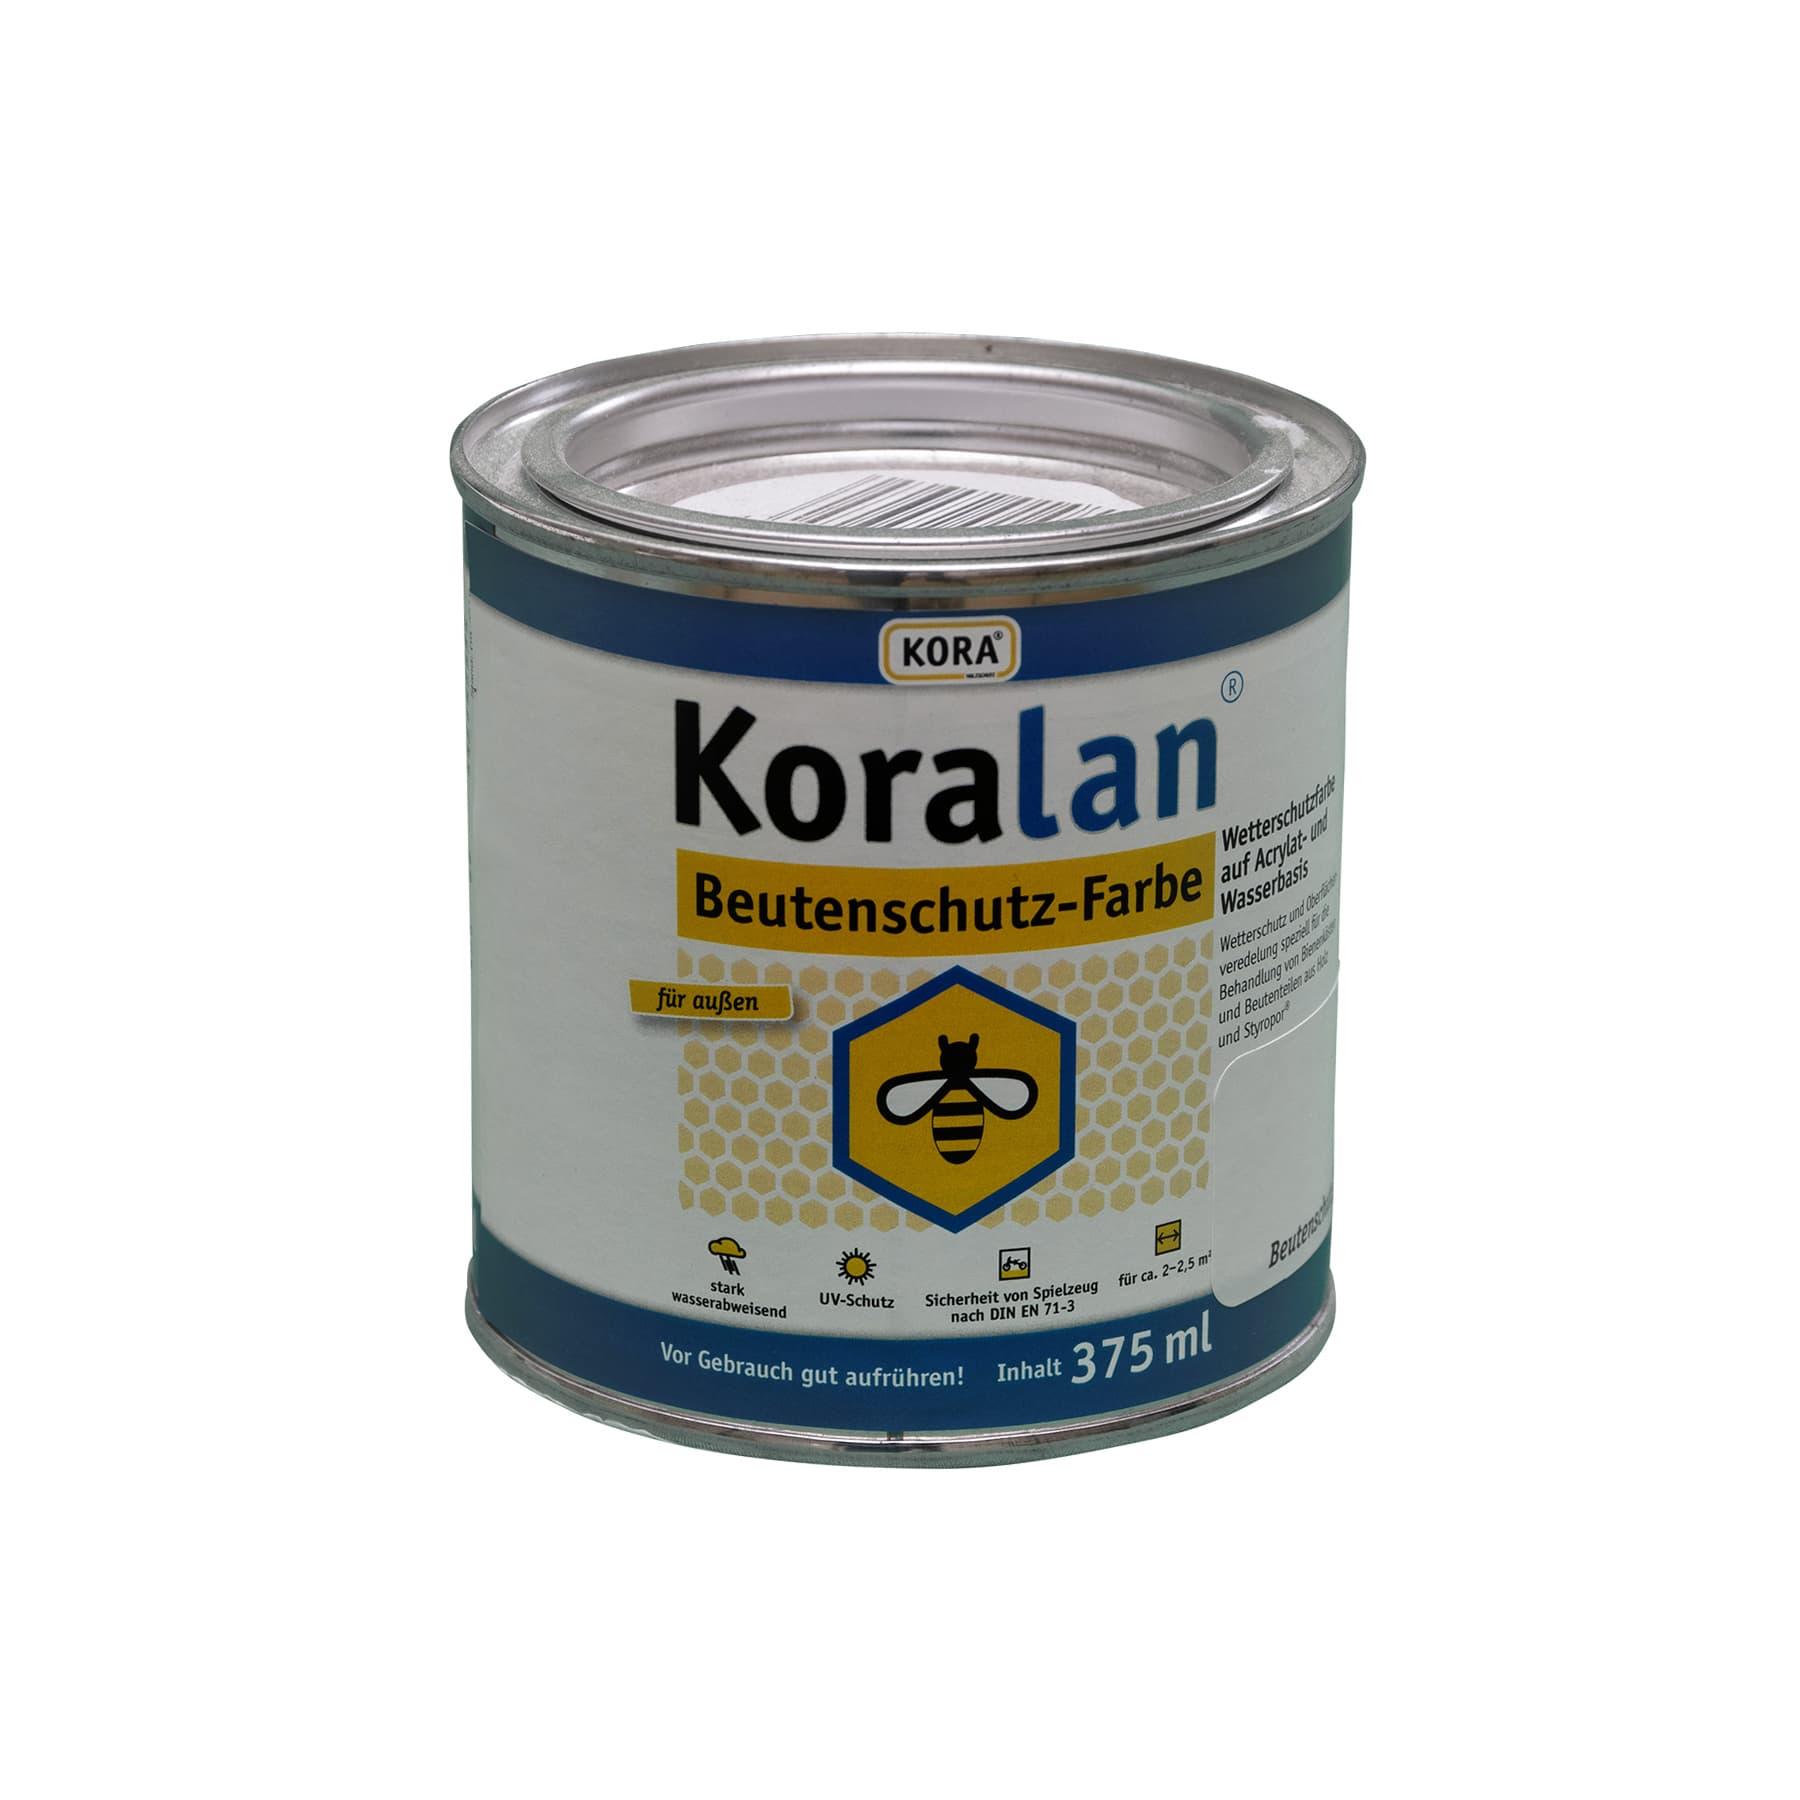 Koralan Beutenschutzfarbe blau 375 ml